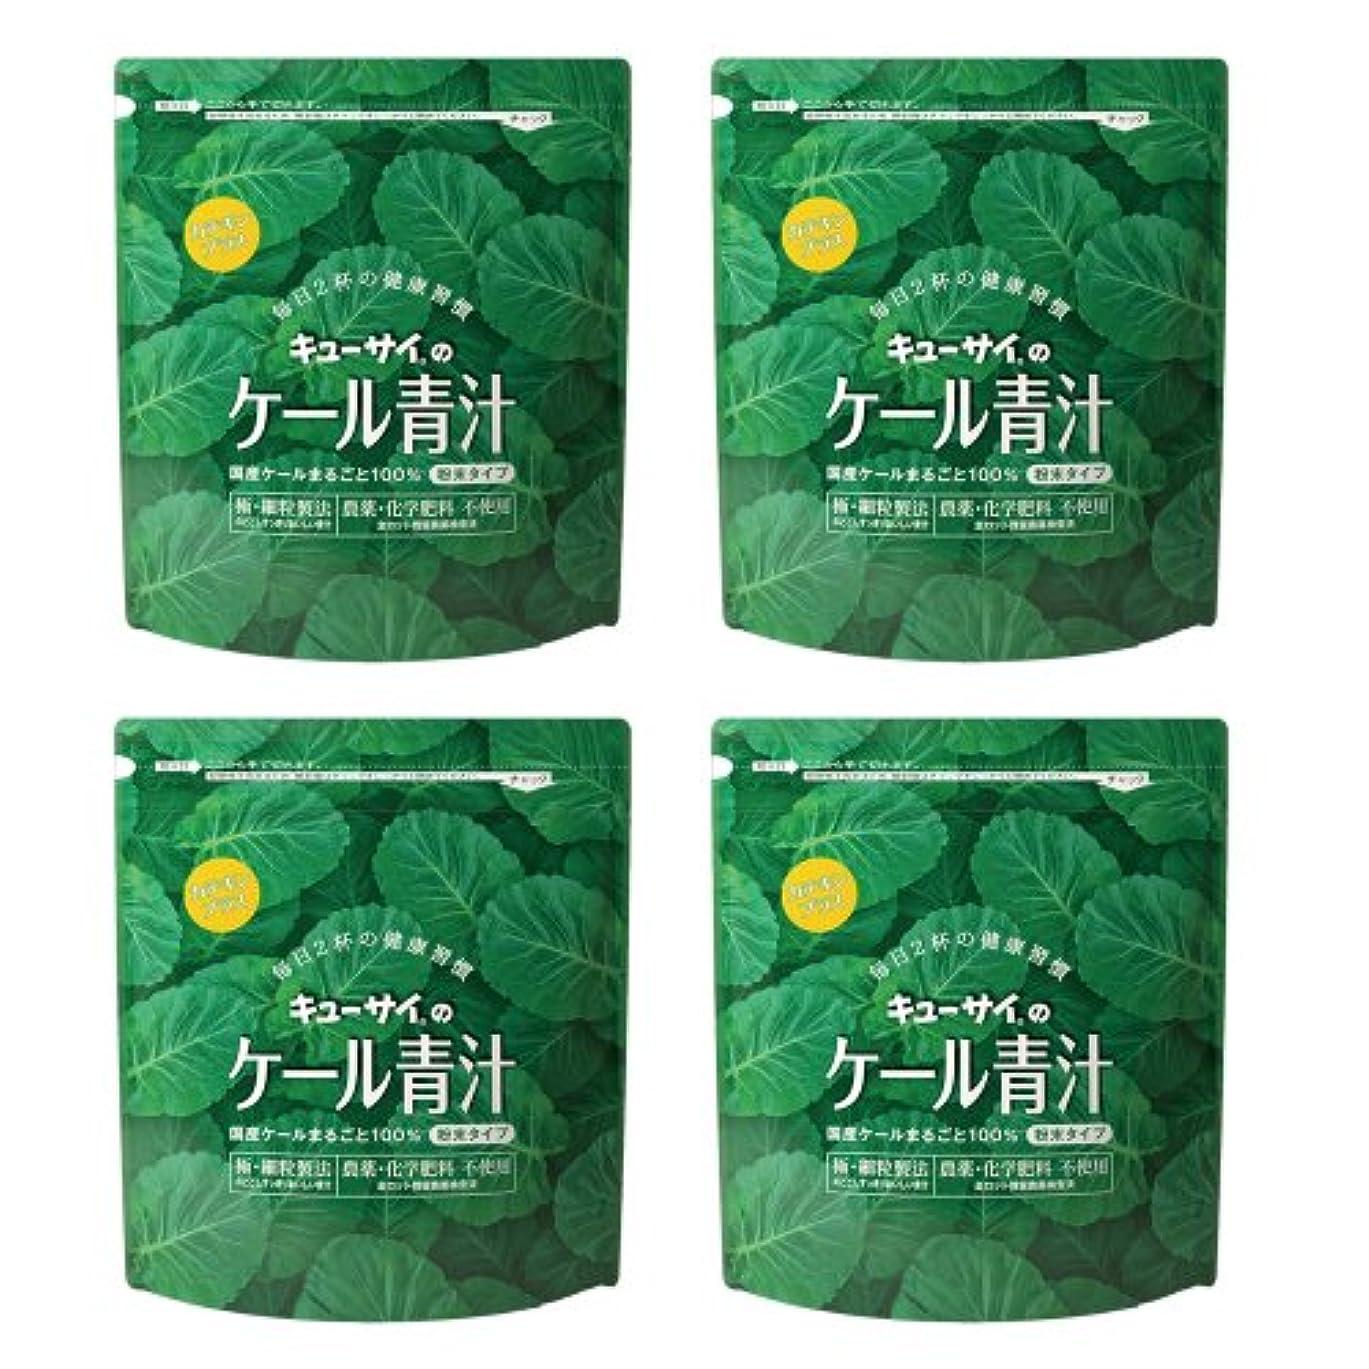 賃金叙情的な州キューサイ青汁カテキンプラス420g(粉末タイプ)4袋まとめ買い【1袋420g(約1カ月分)】